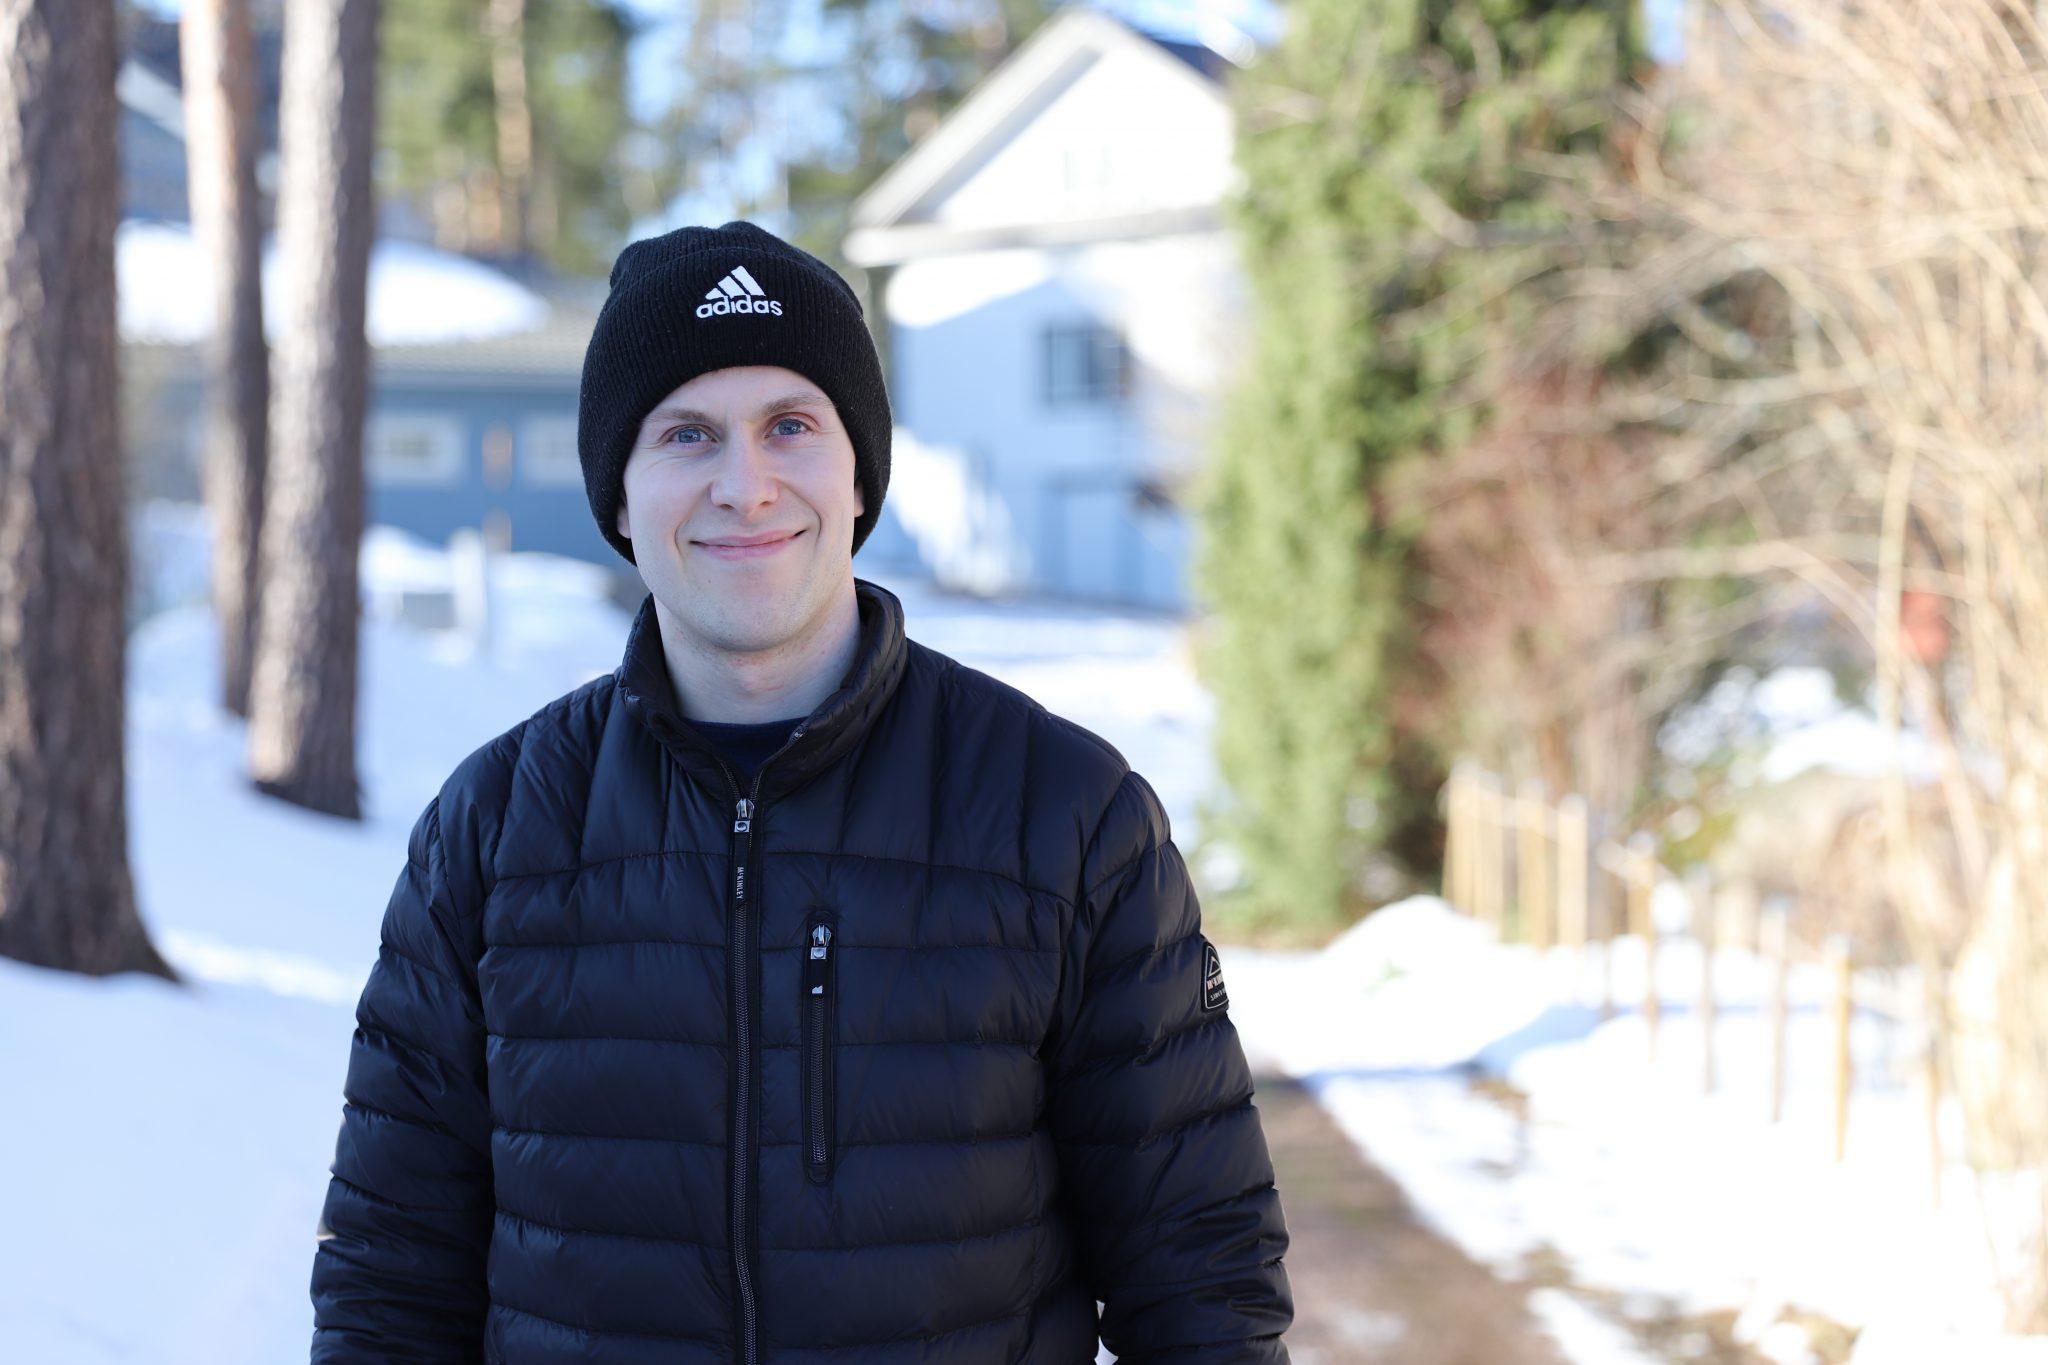 Mustaan pipoon ja takkiin pukeutunut mies hymyilee talvisessa maisemassa.